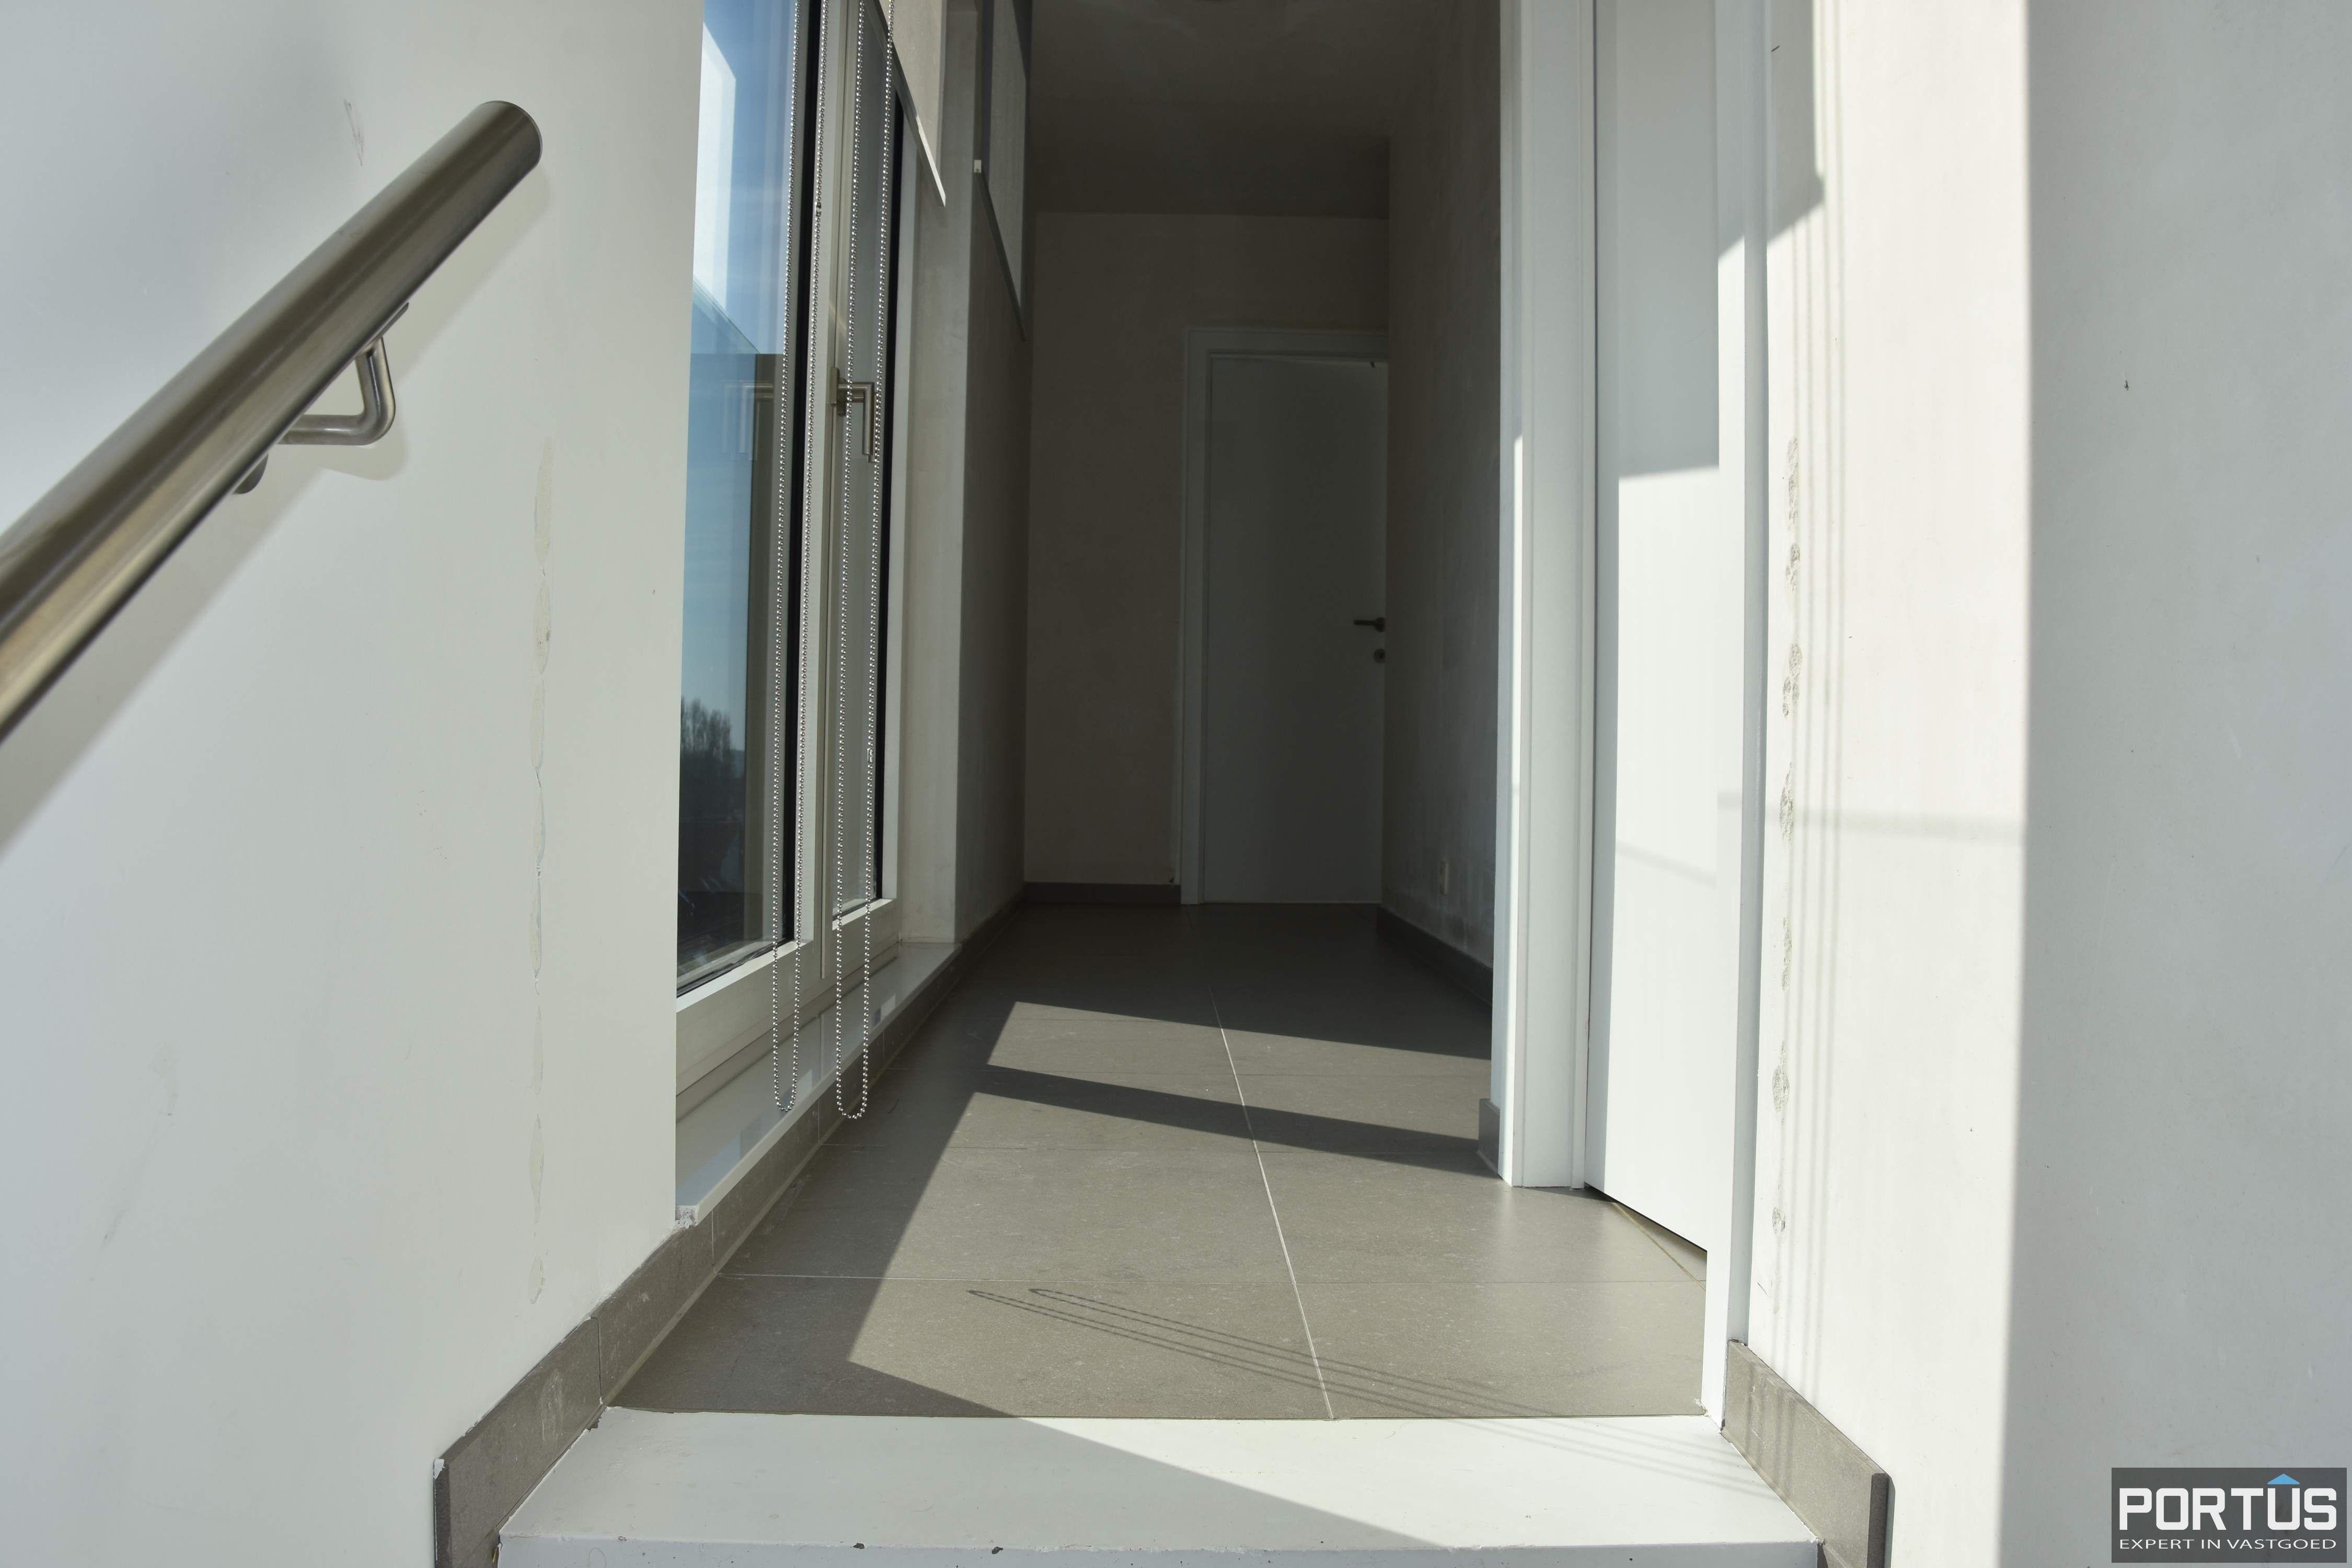 Recent appartement te huur met 3 slaapkamers, kelderberging en parking - 13797